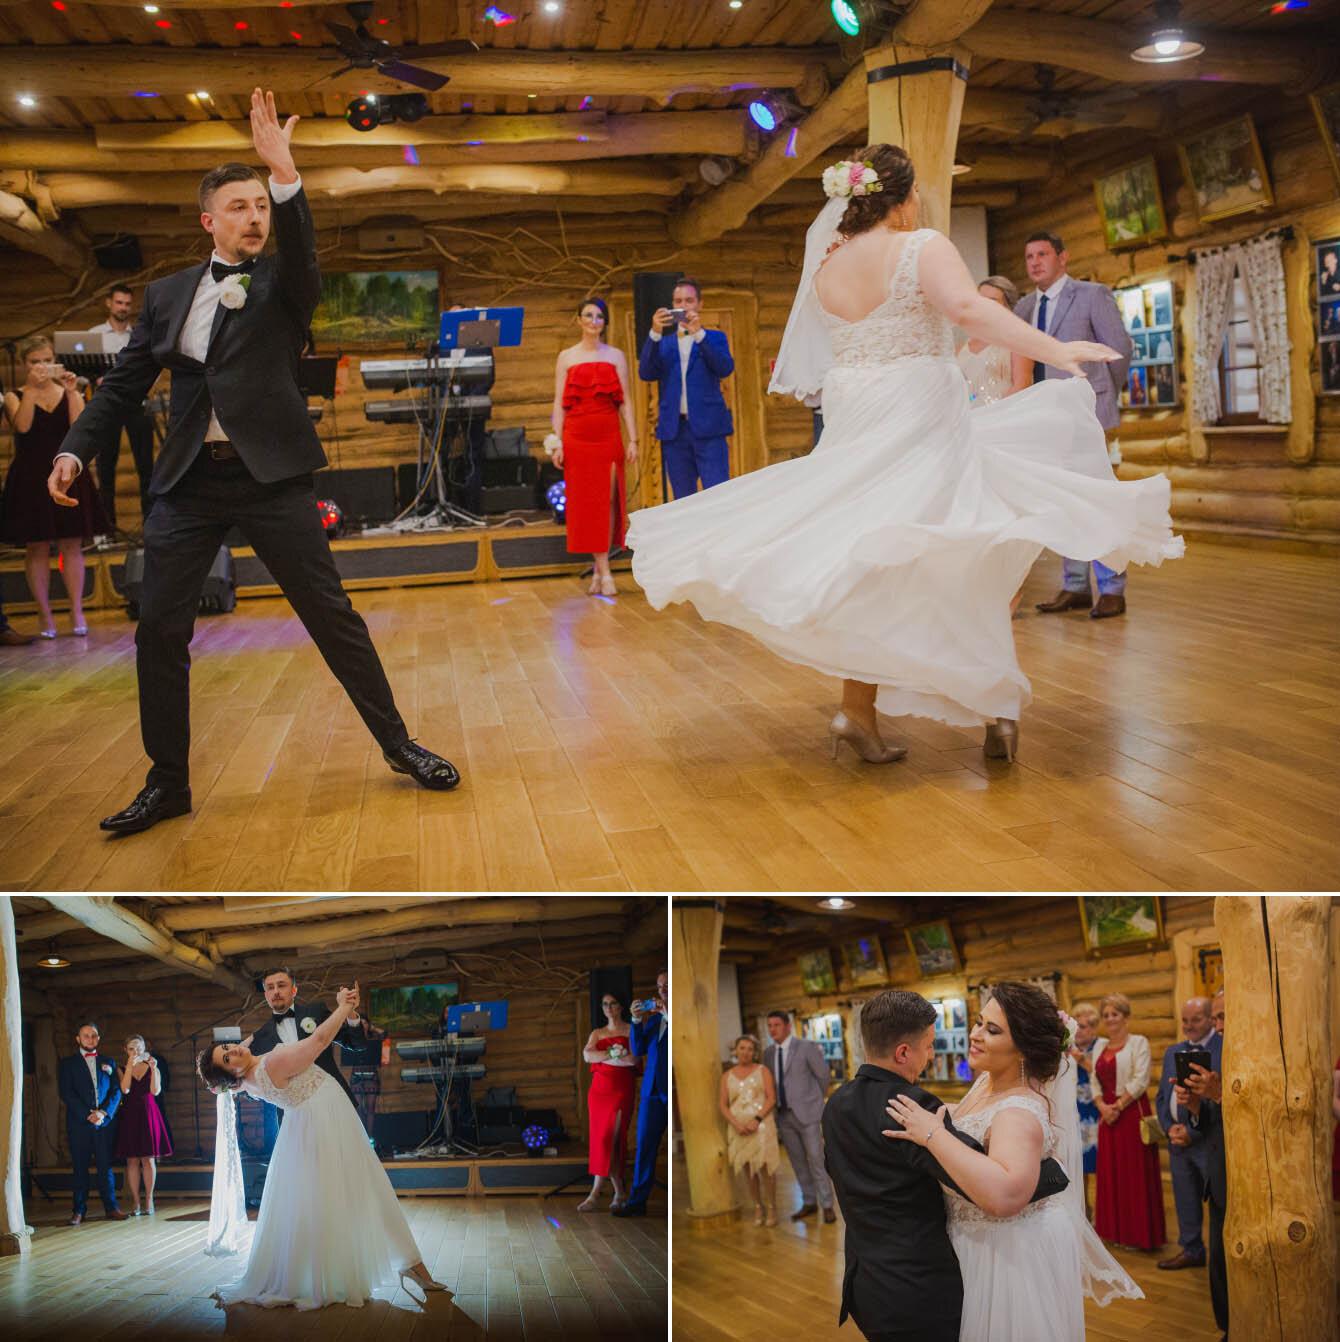 Fotografie ślubne Marka i Angeliki w domu weselnym pod Grzybkiem fotograf Bartek Wyrobek  24.jpg